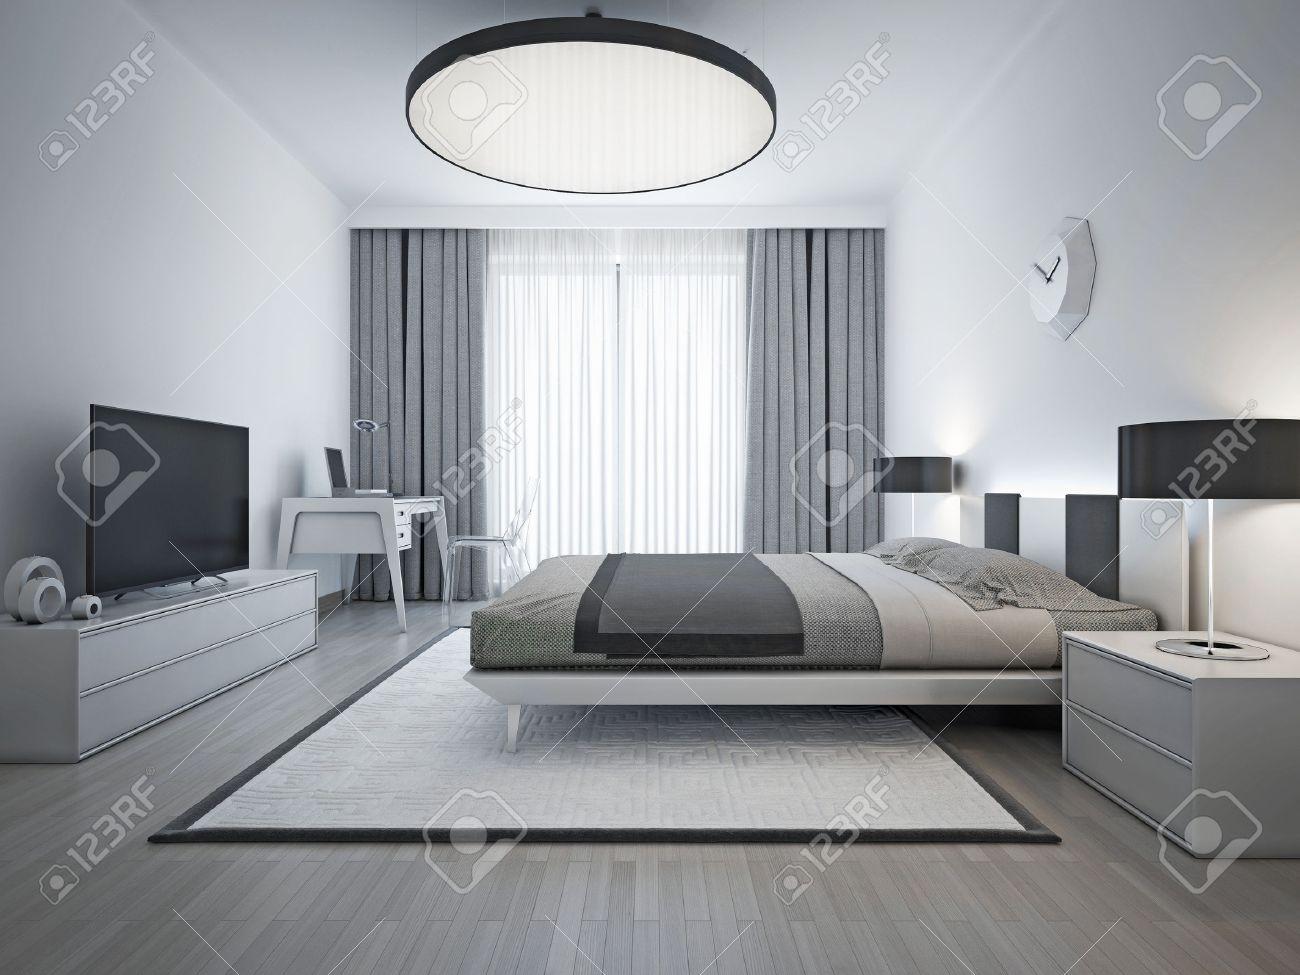 elegantes schlafzimmer zeitgenössischen stil. monochrome innenraum, Schlafzimmer entwurf